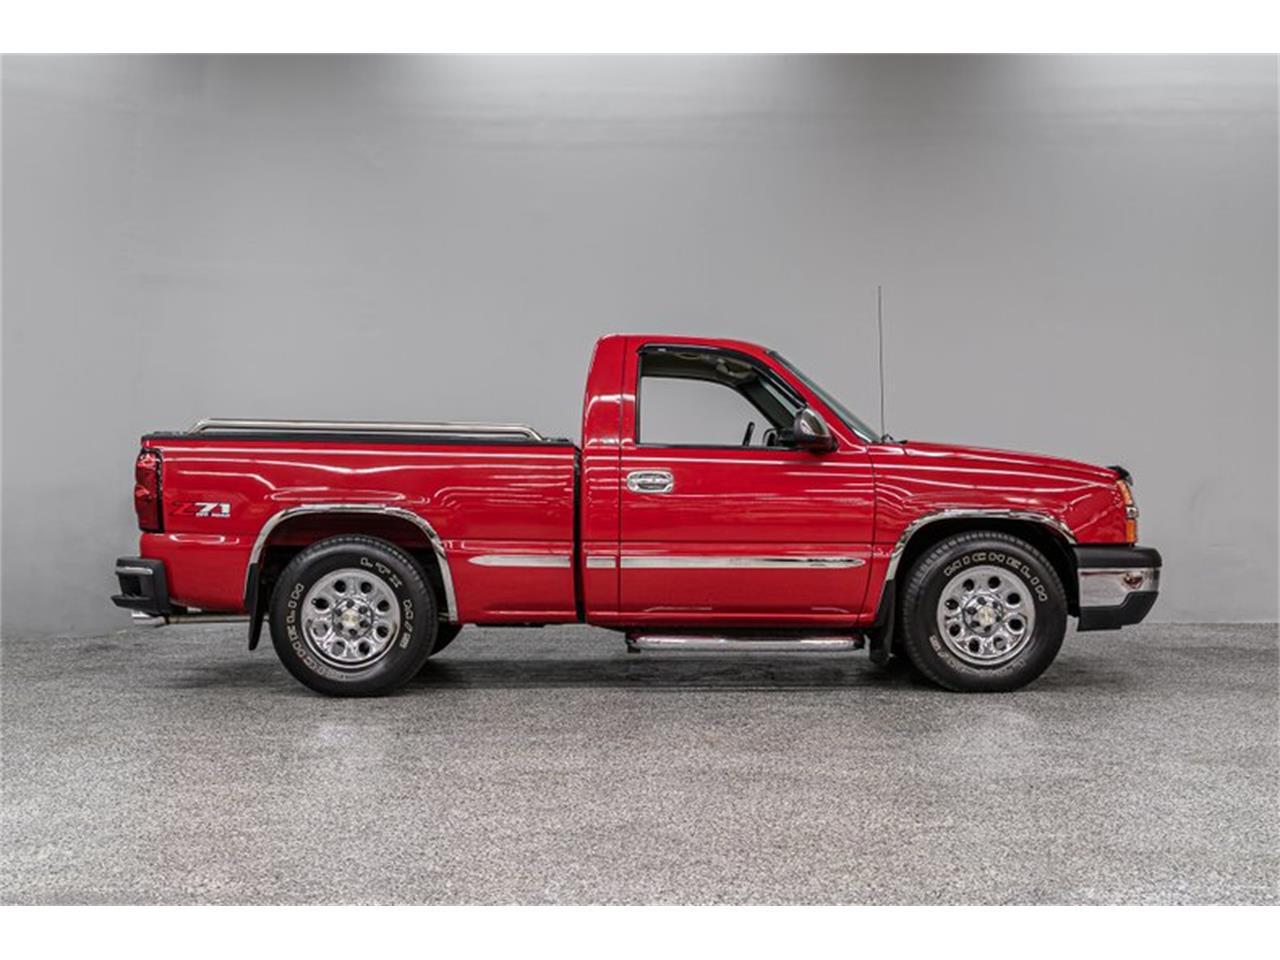 2003 Chevrolet Silverado (CC-1409575) for sale in Concord, North Carolina